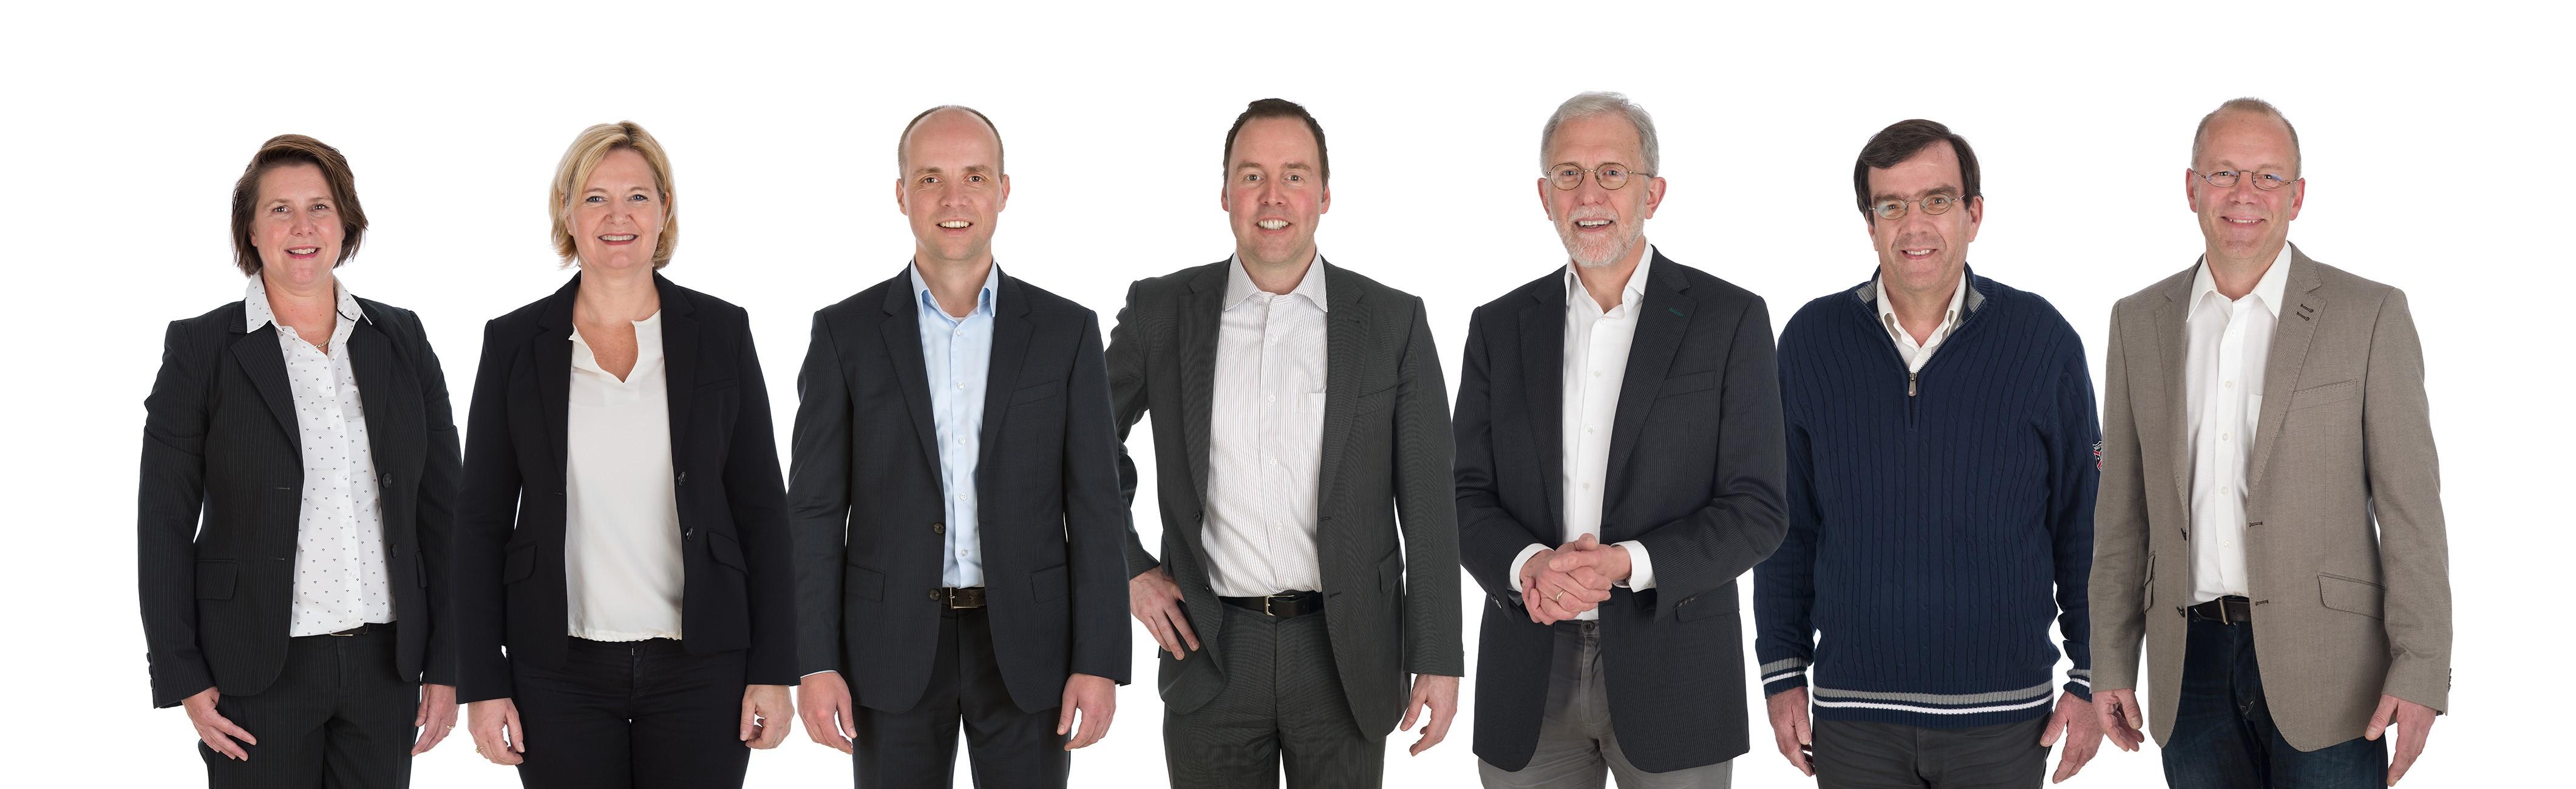 Team Vugts verzekeringen, hypotheken en pensioenen